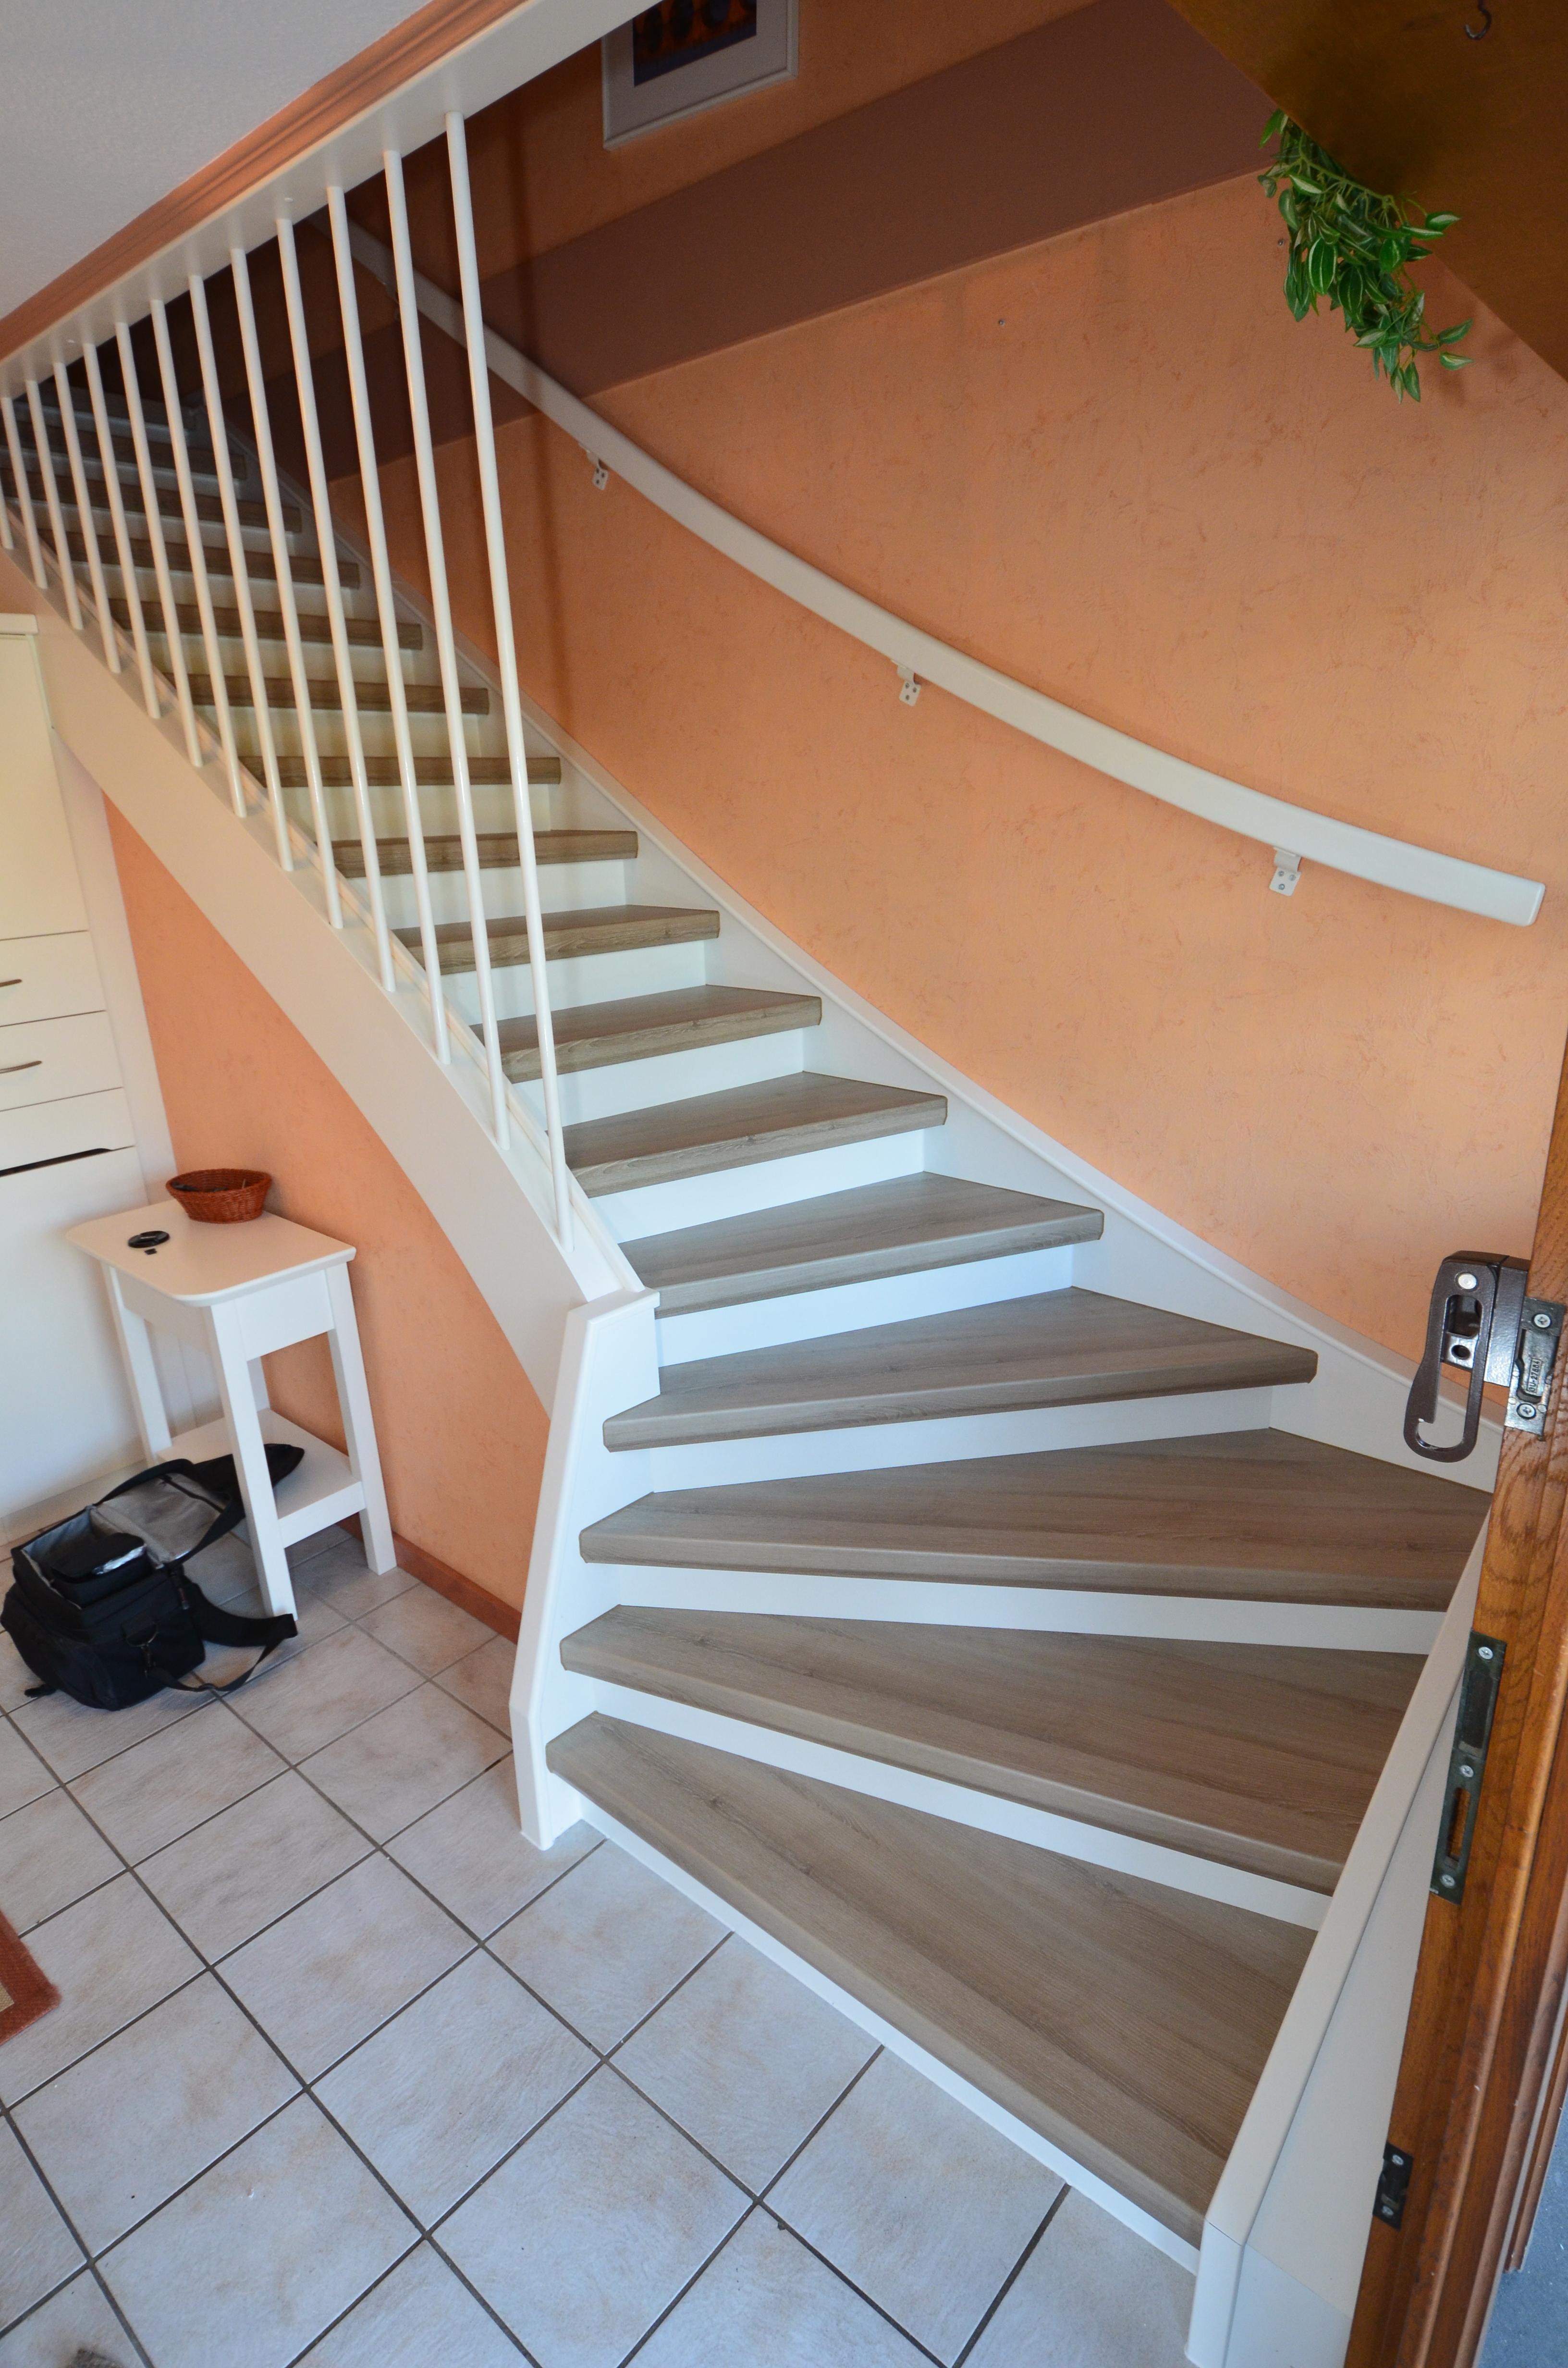 renovierung einer treppe mit podest und wangen in laminat jowi holz innenausbau gmbh. Black Bedroom Furniture Sets. Home Design Ideas